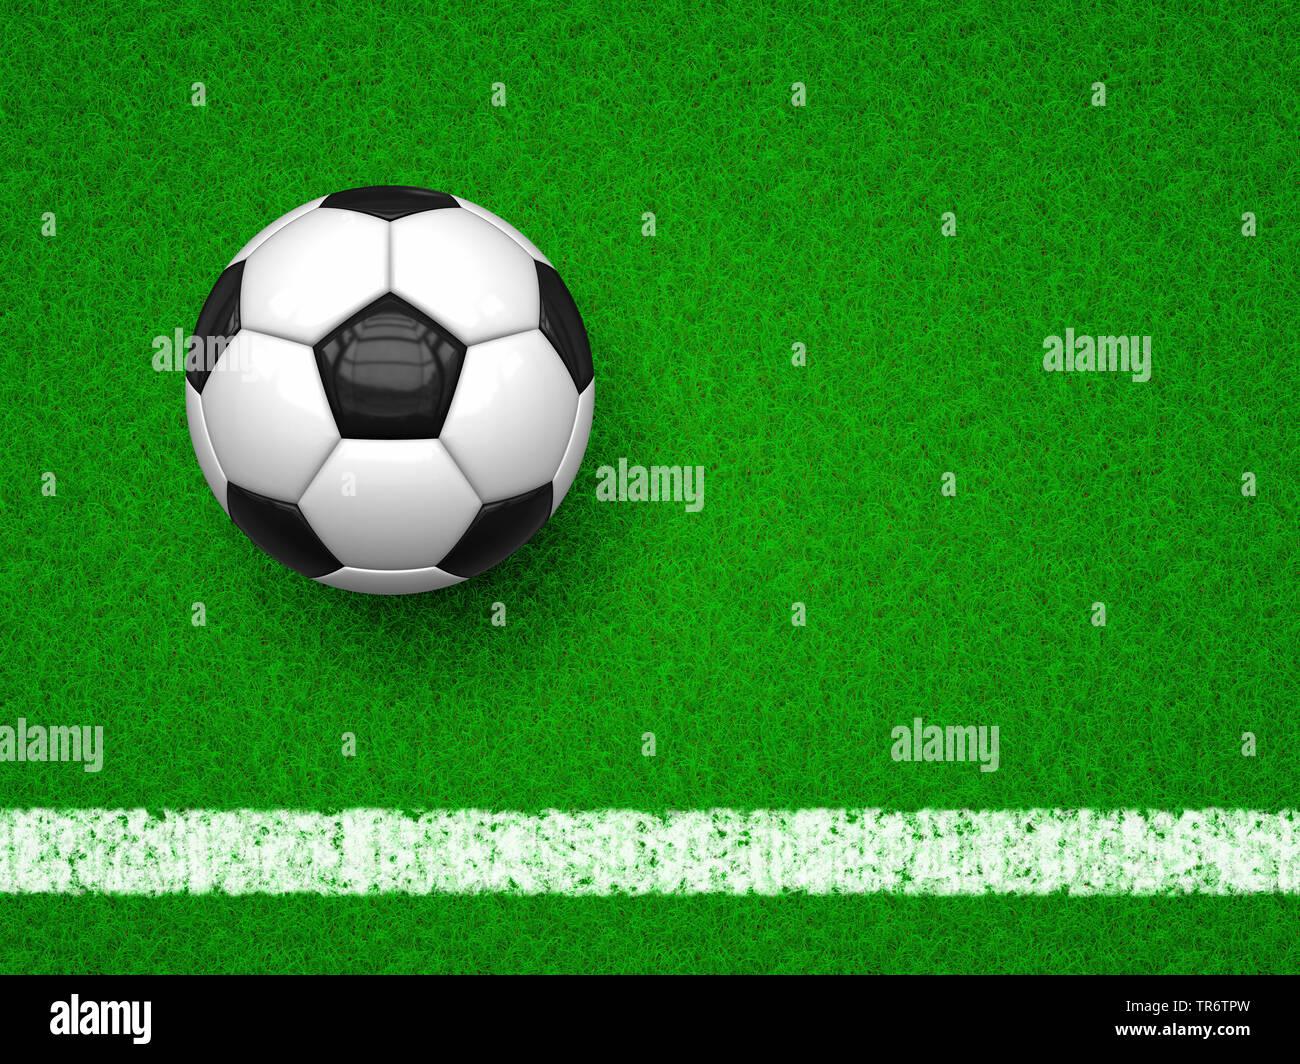 Fussball auf gruenem Rasen | football on green football field | BLWS490628.jpg [ (c) blickwinkel/McPHOTO/M. Gann Tel. +49 (0)2302-2793220, E-mail: inf - Stock Image